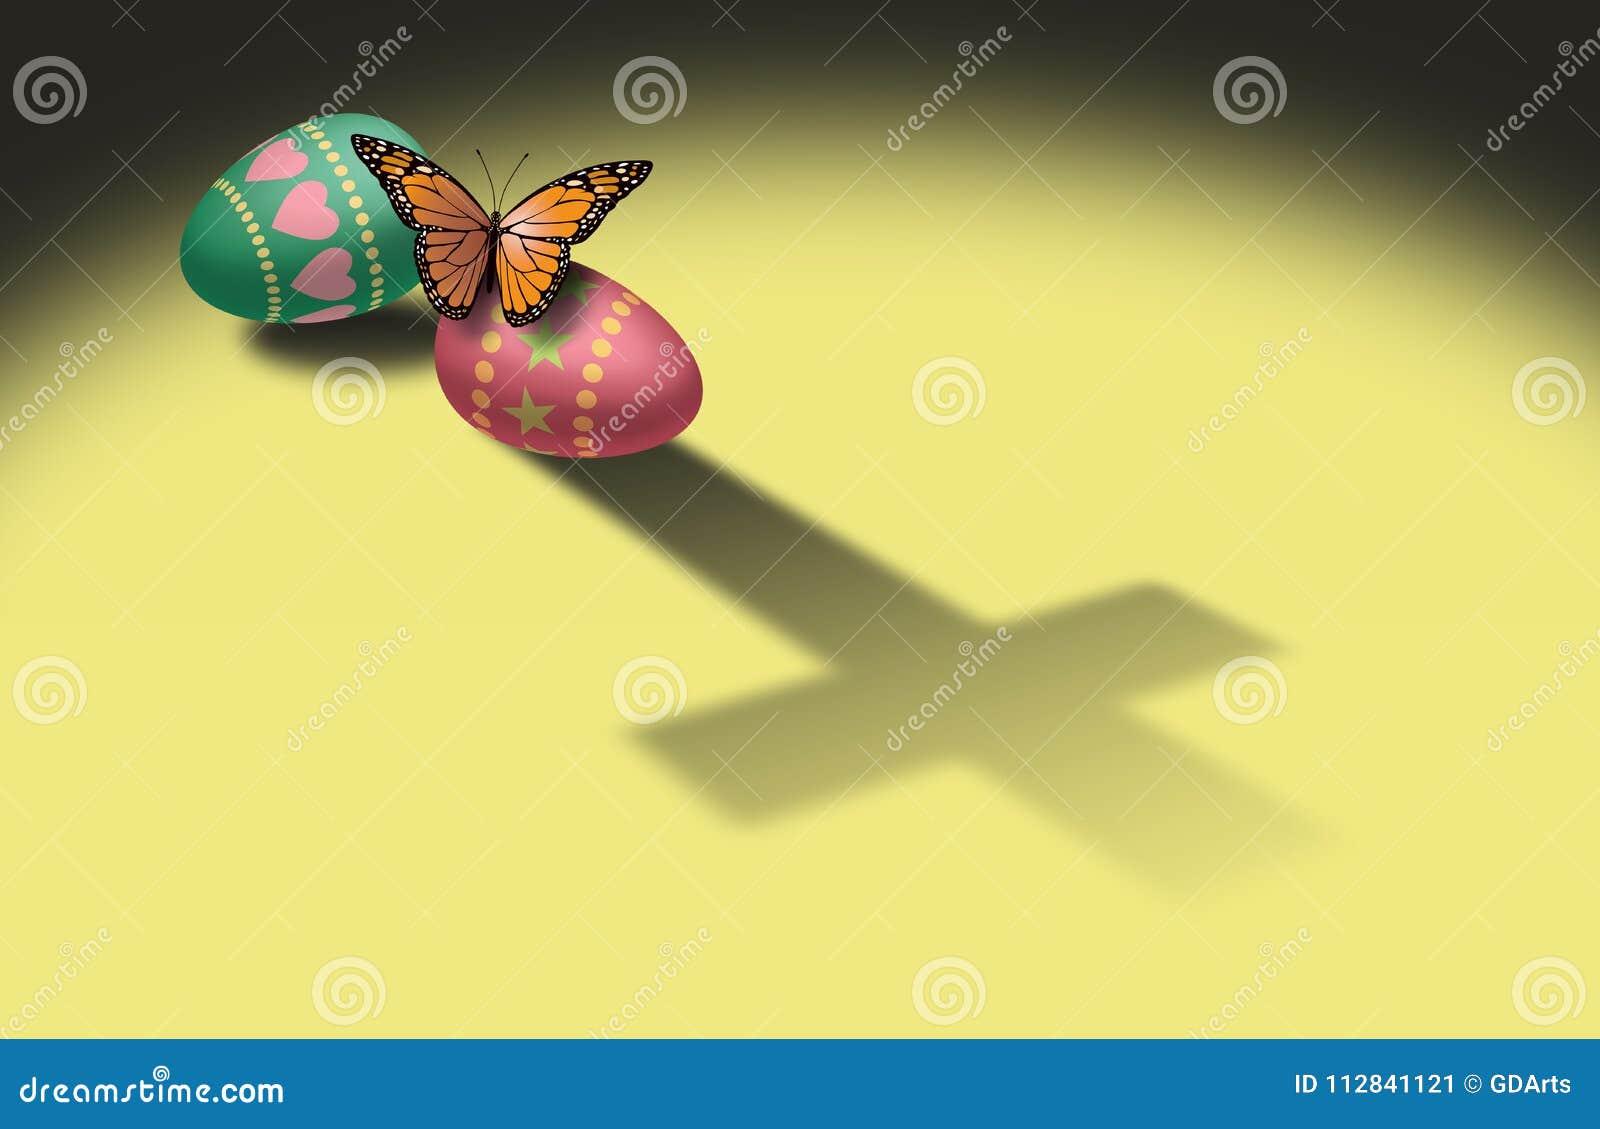 蝴蝶和复活节彩蛋与基督徒发怒阴影